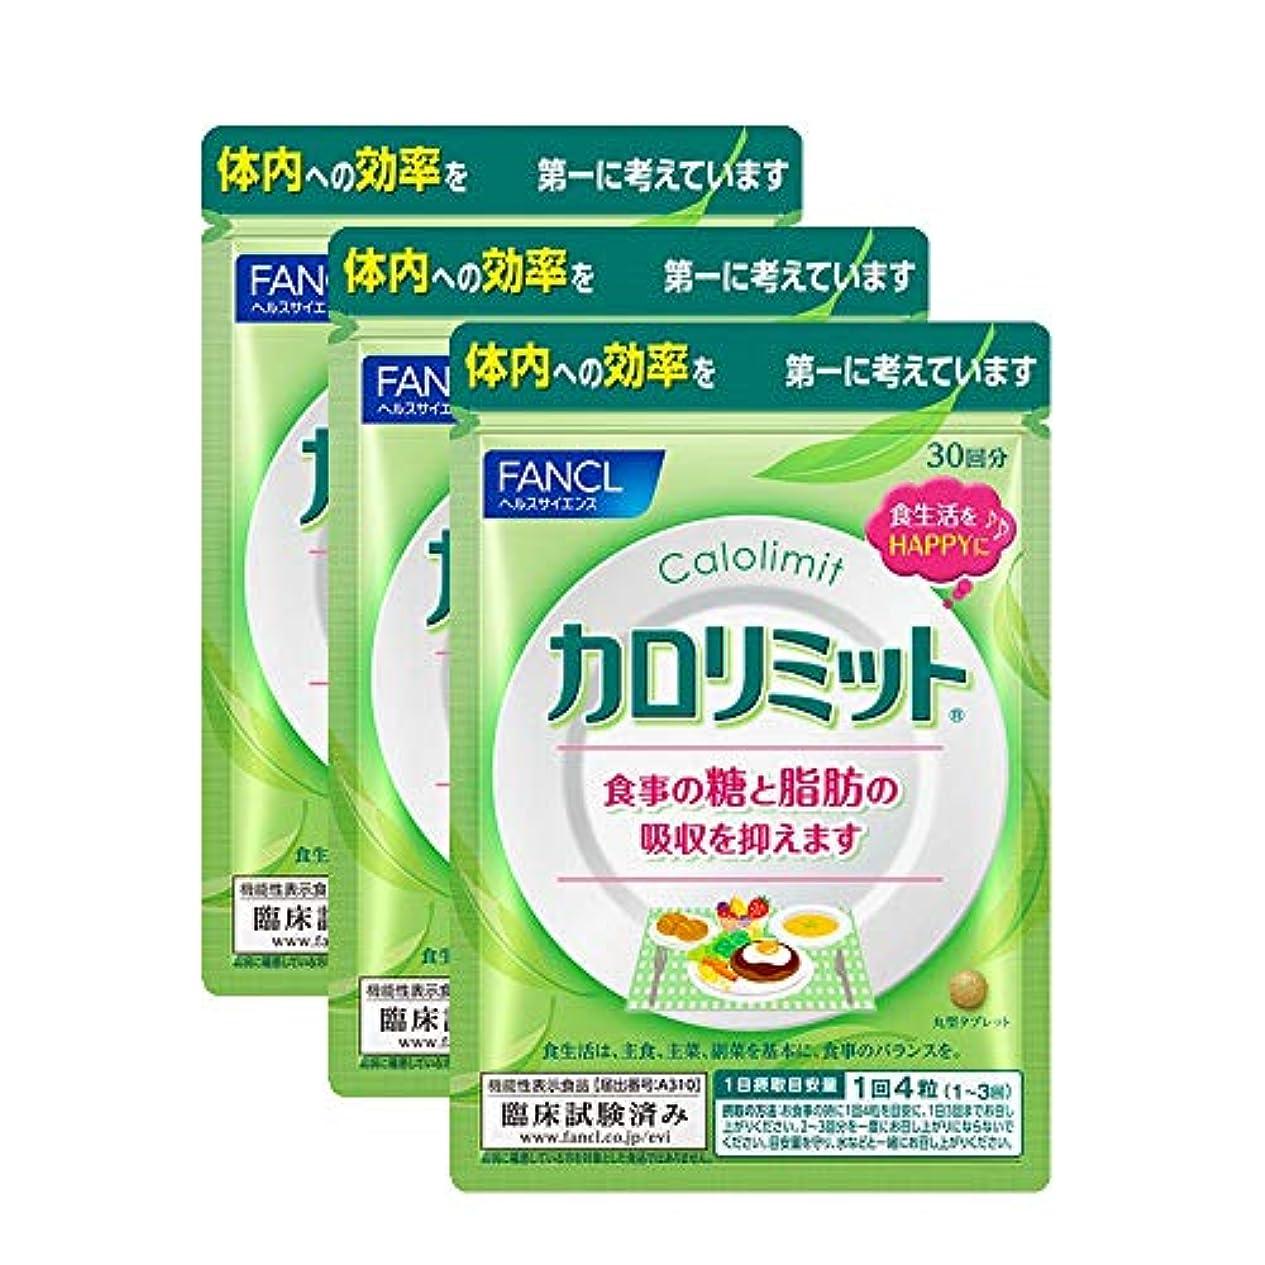 読者ブロック精巧なファンケル (FANCL) カロリミット 徳用3袋セット (約90回分) [機能性表示食品]